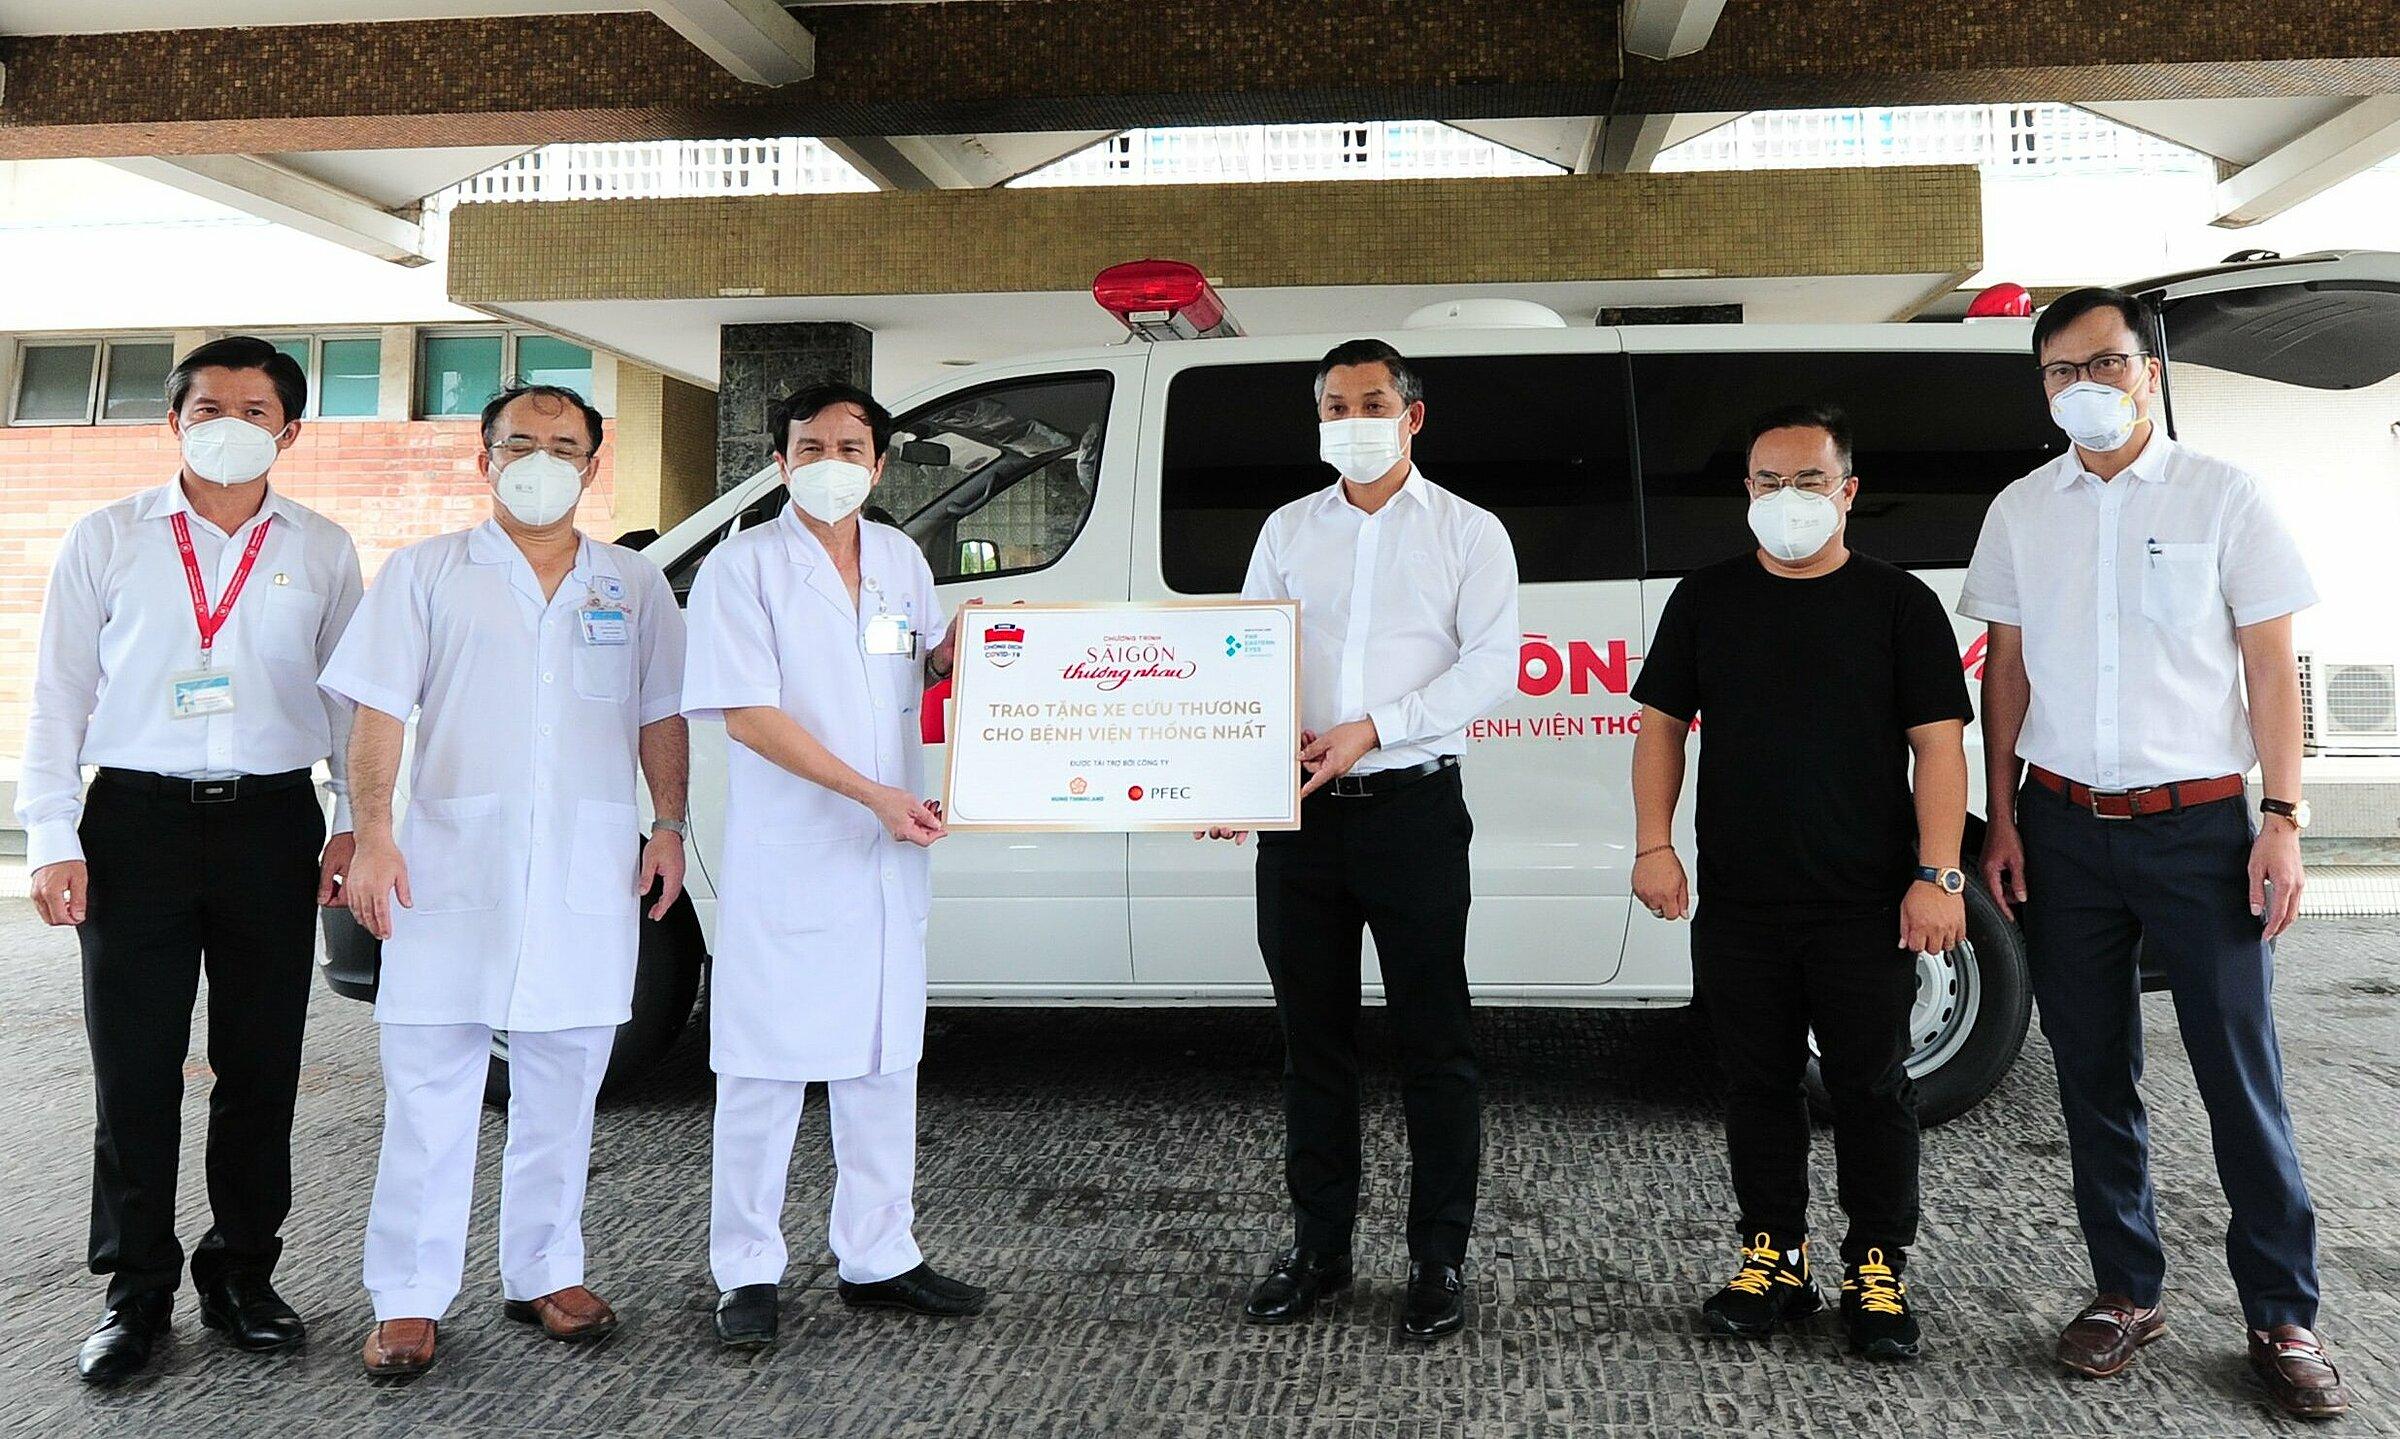 Ông Nguyễn Văn Cường - Phó Chủ tịch Tập đoàn Hưng Thịnh (thứ ba từ phải sang) cùng đại diện các nhà tài trợ trao tặng một xe cứu thương cho Bệnh viện Thống Nhất. Ảnh: Tập đoàn Hưng Thịnh.